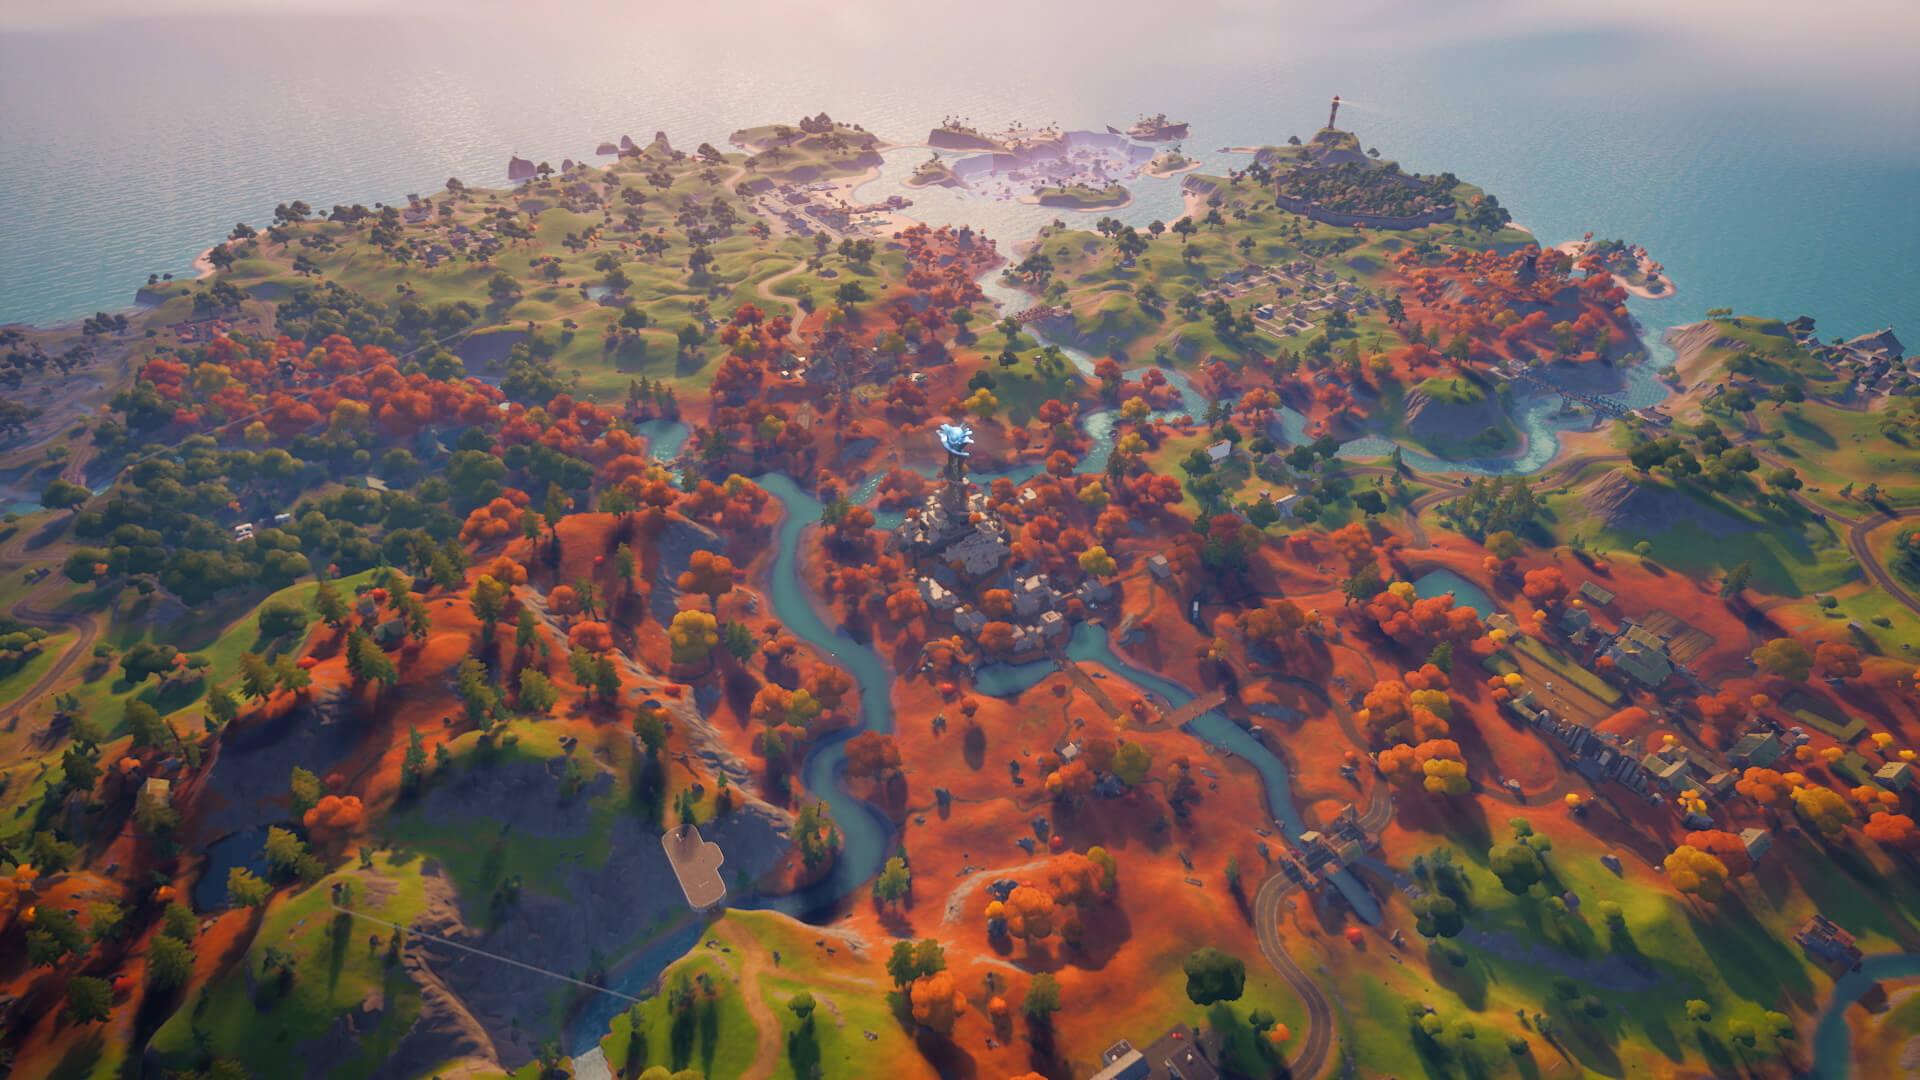 The Fortnite Island